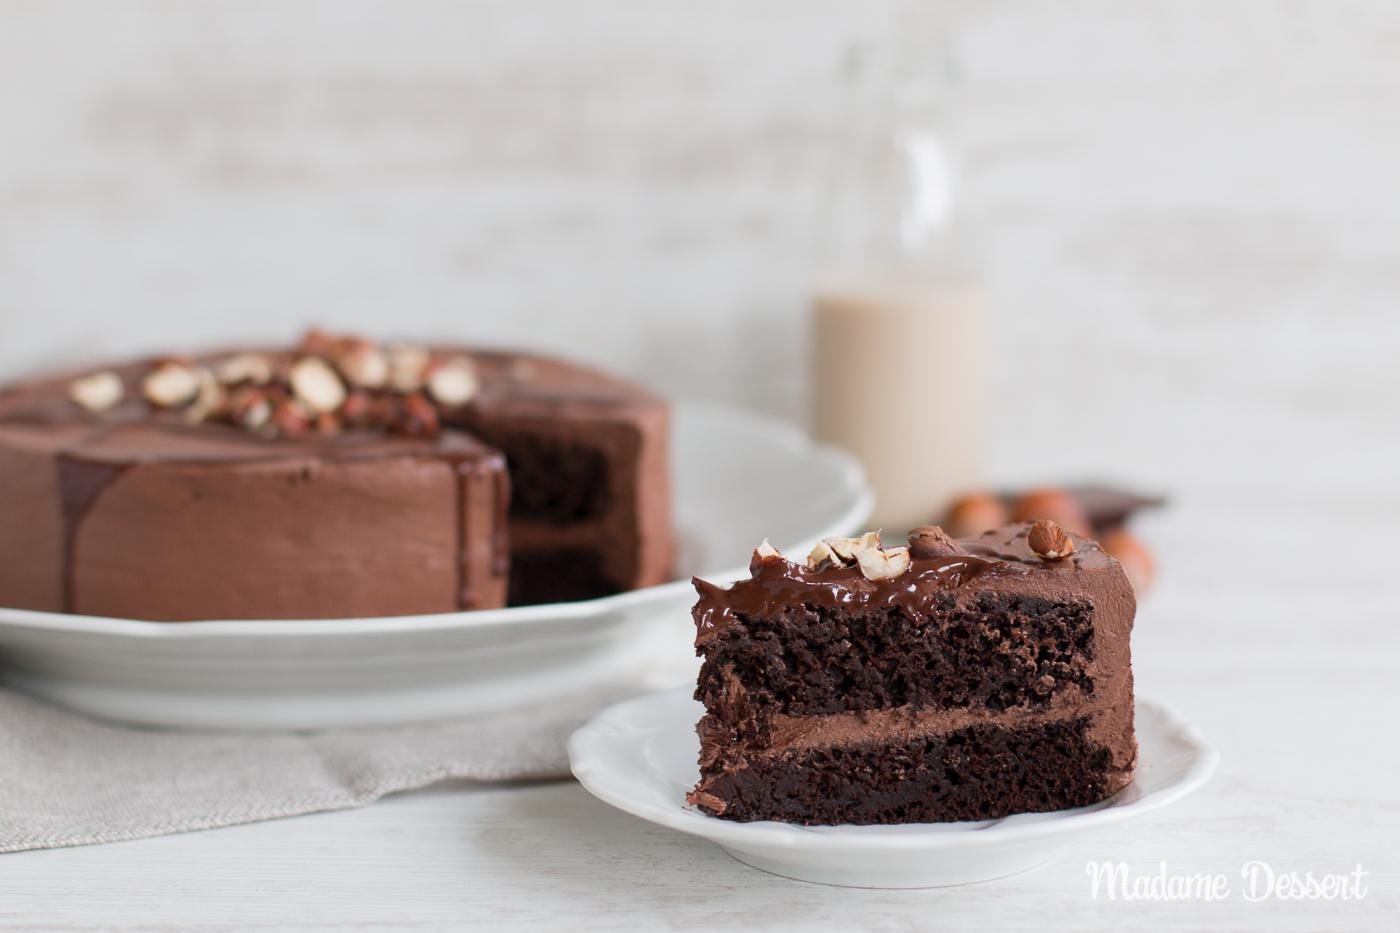 Vegane Schokoladentorte mit Haselnüssen & geröstetem Kakao   Madame Dessert